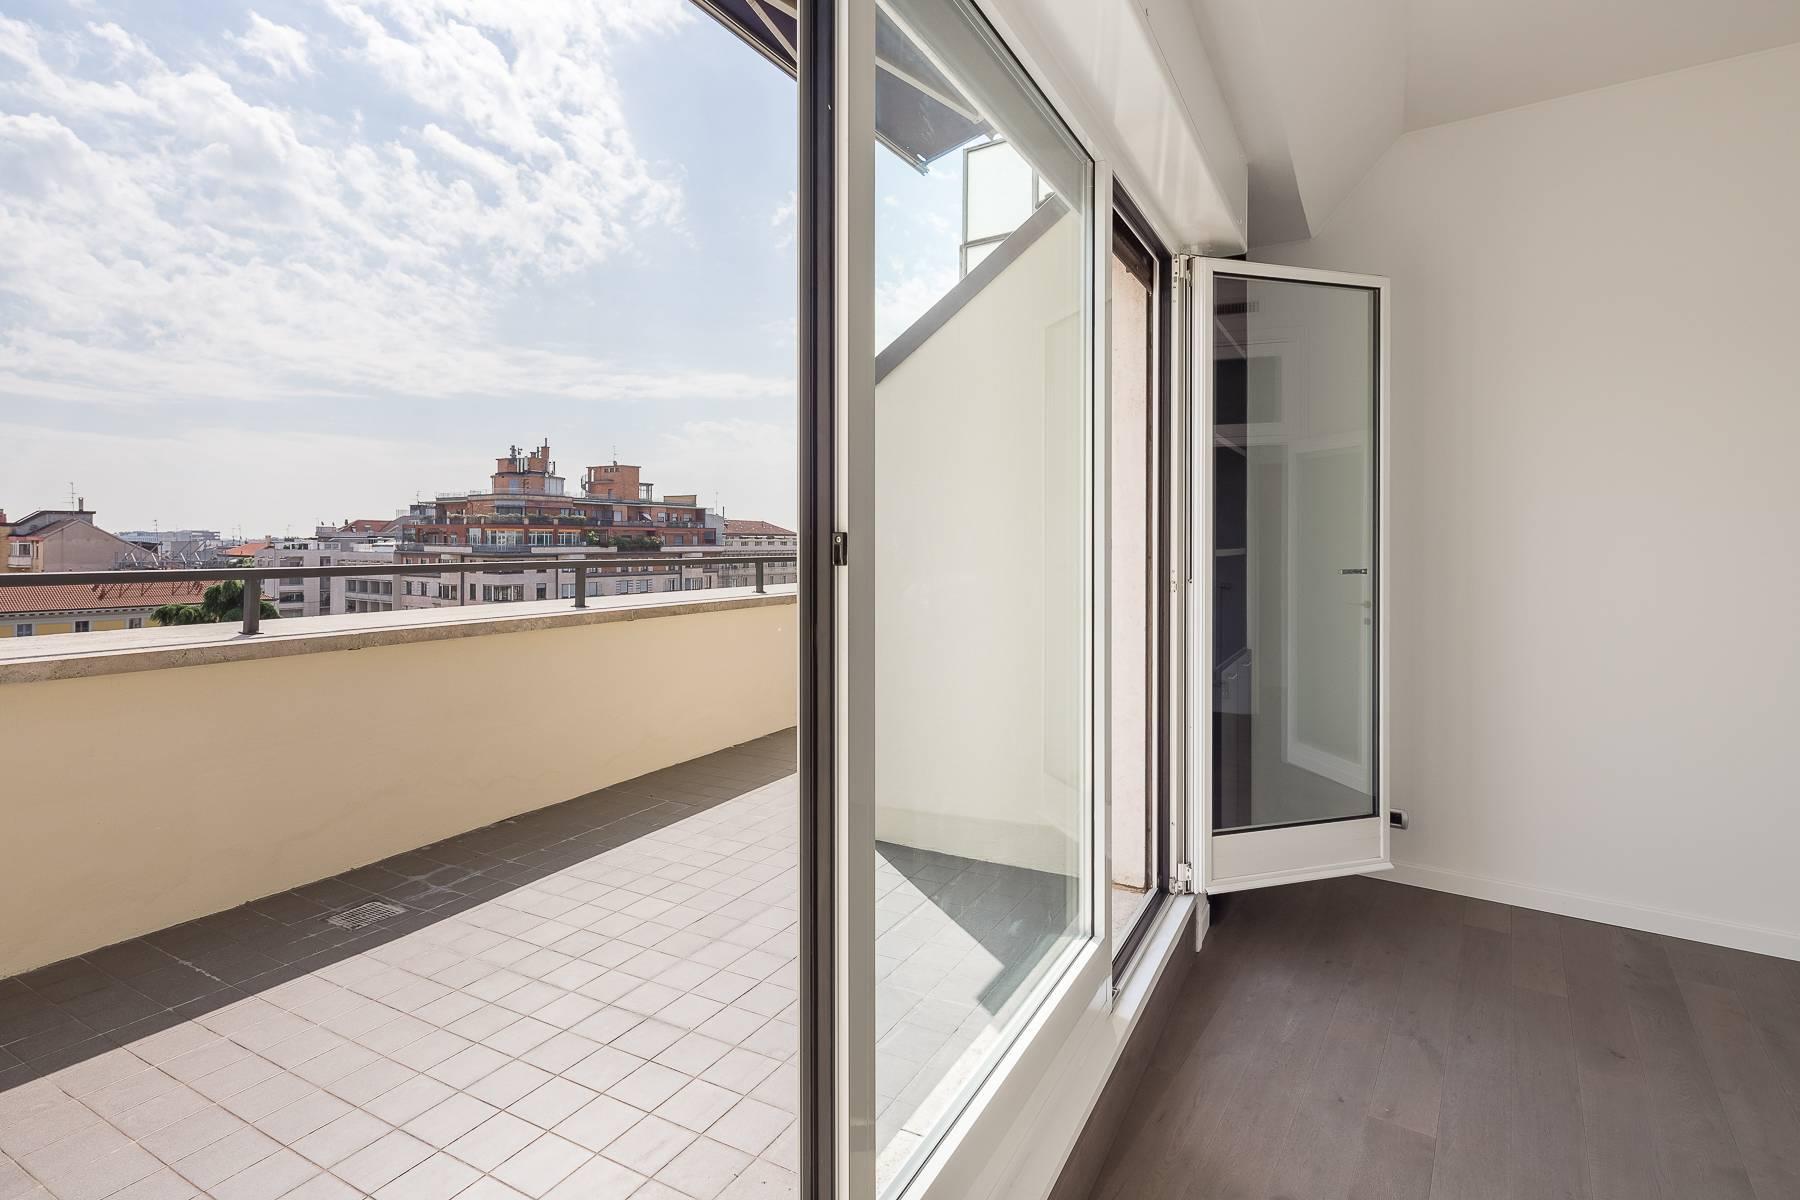 Ufficio-studio in Affitto a Milano: 0 locali, 75 mq - Foto 10